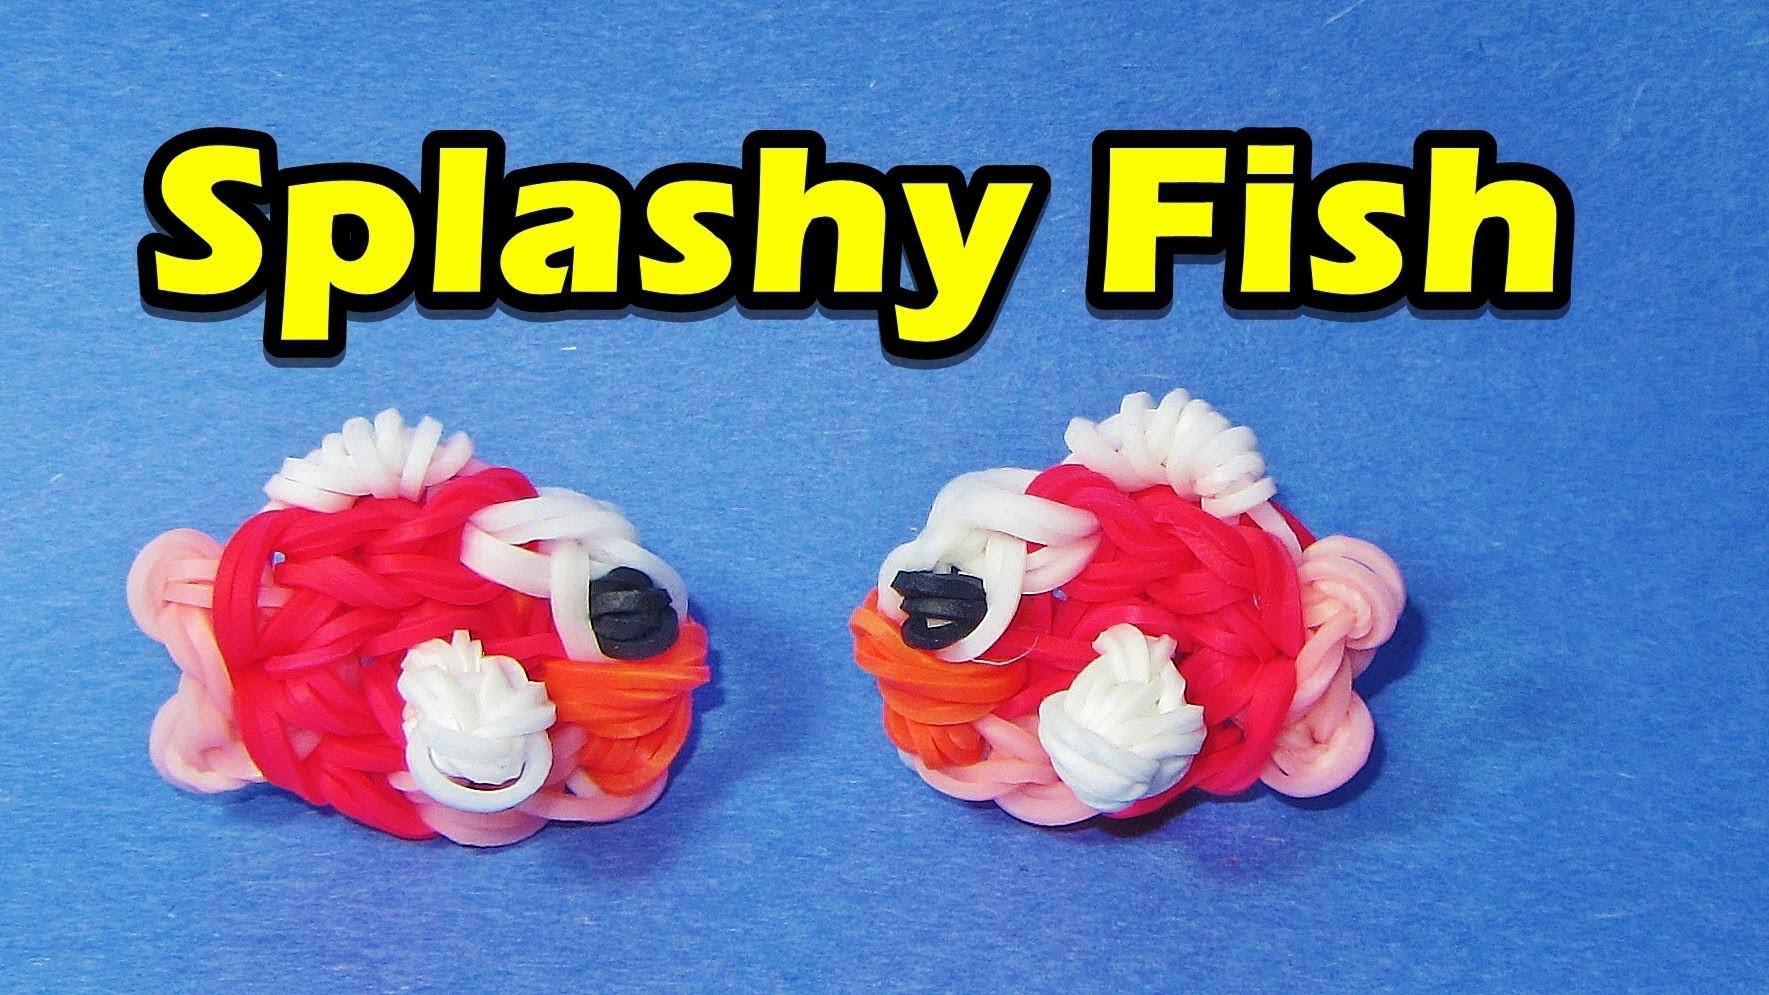 Rainbow Loom FISH (Splashy Fish) Charm (Easy, Flappy Bird, Gumičky návod)